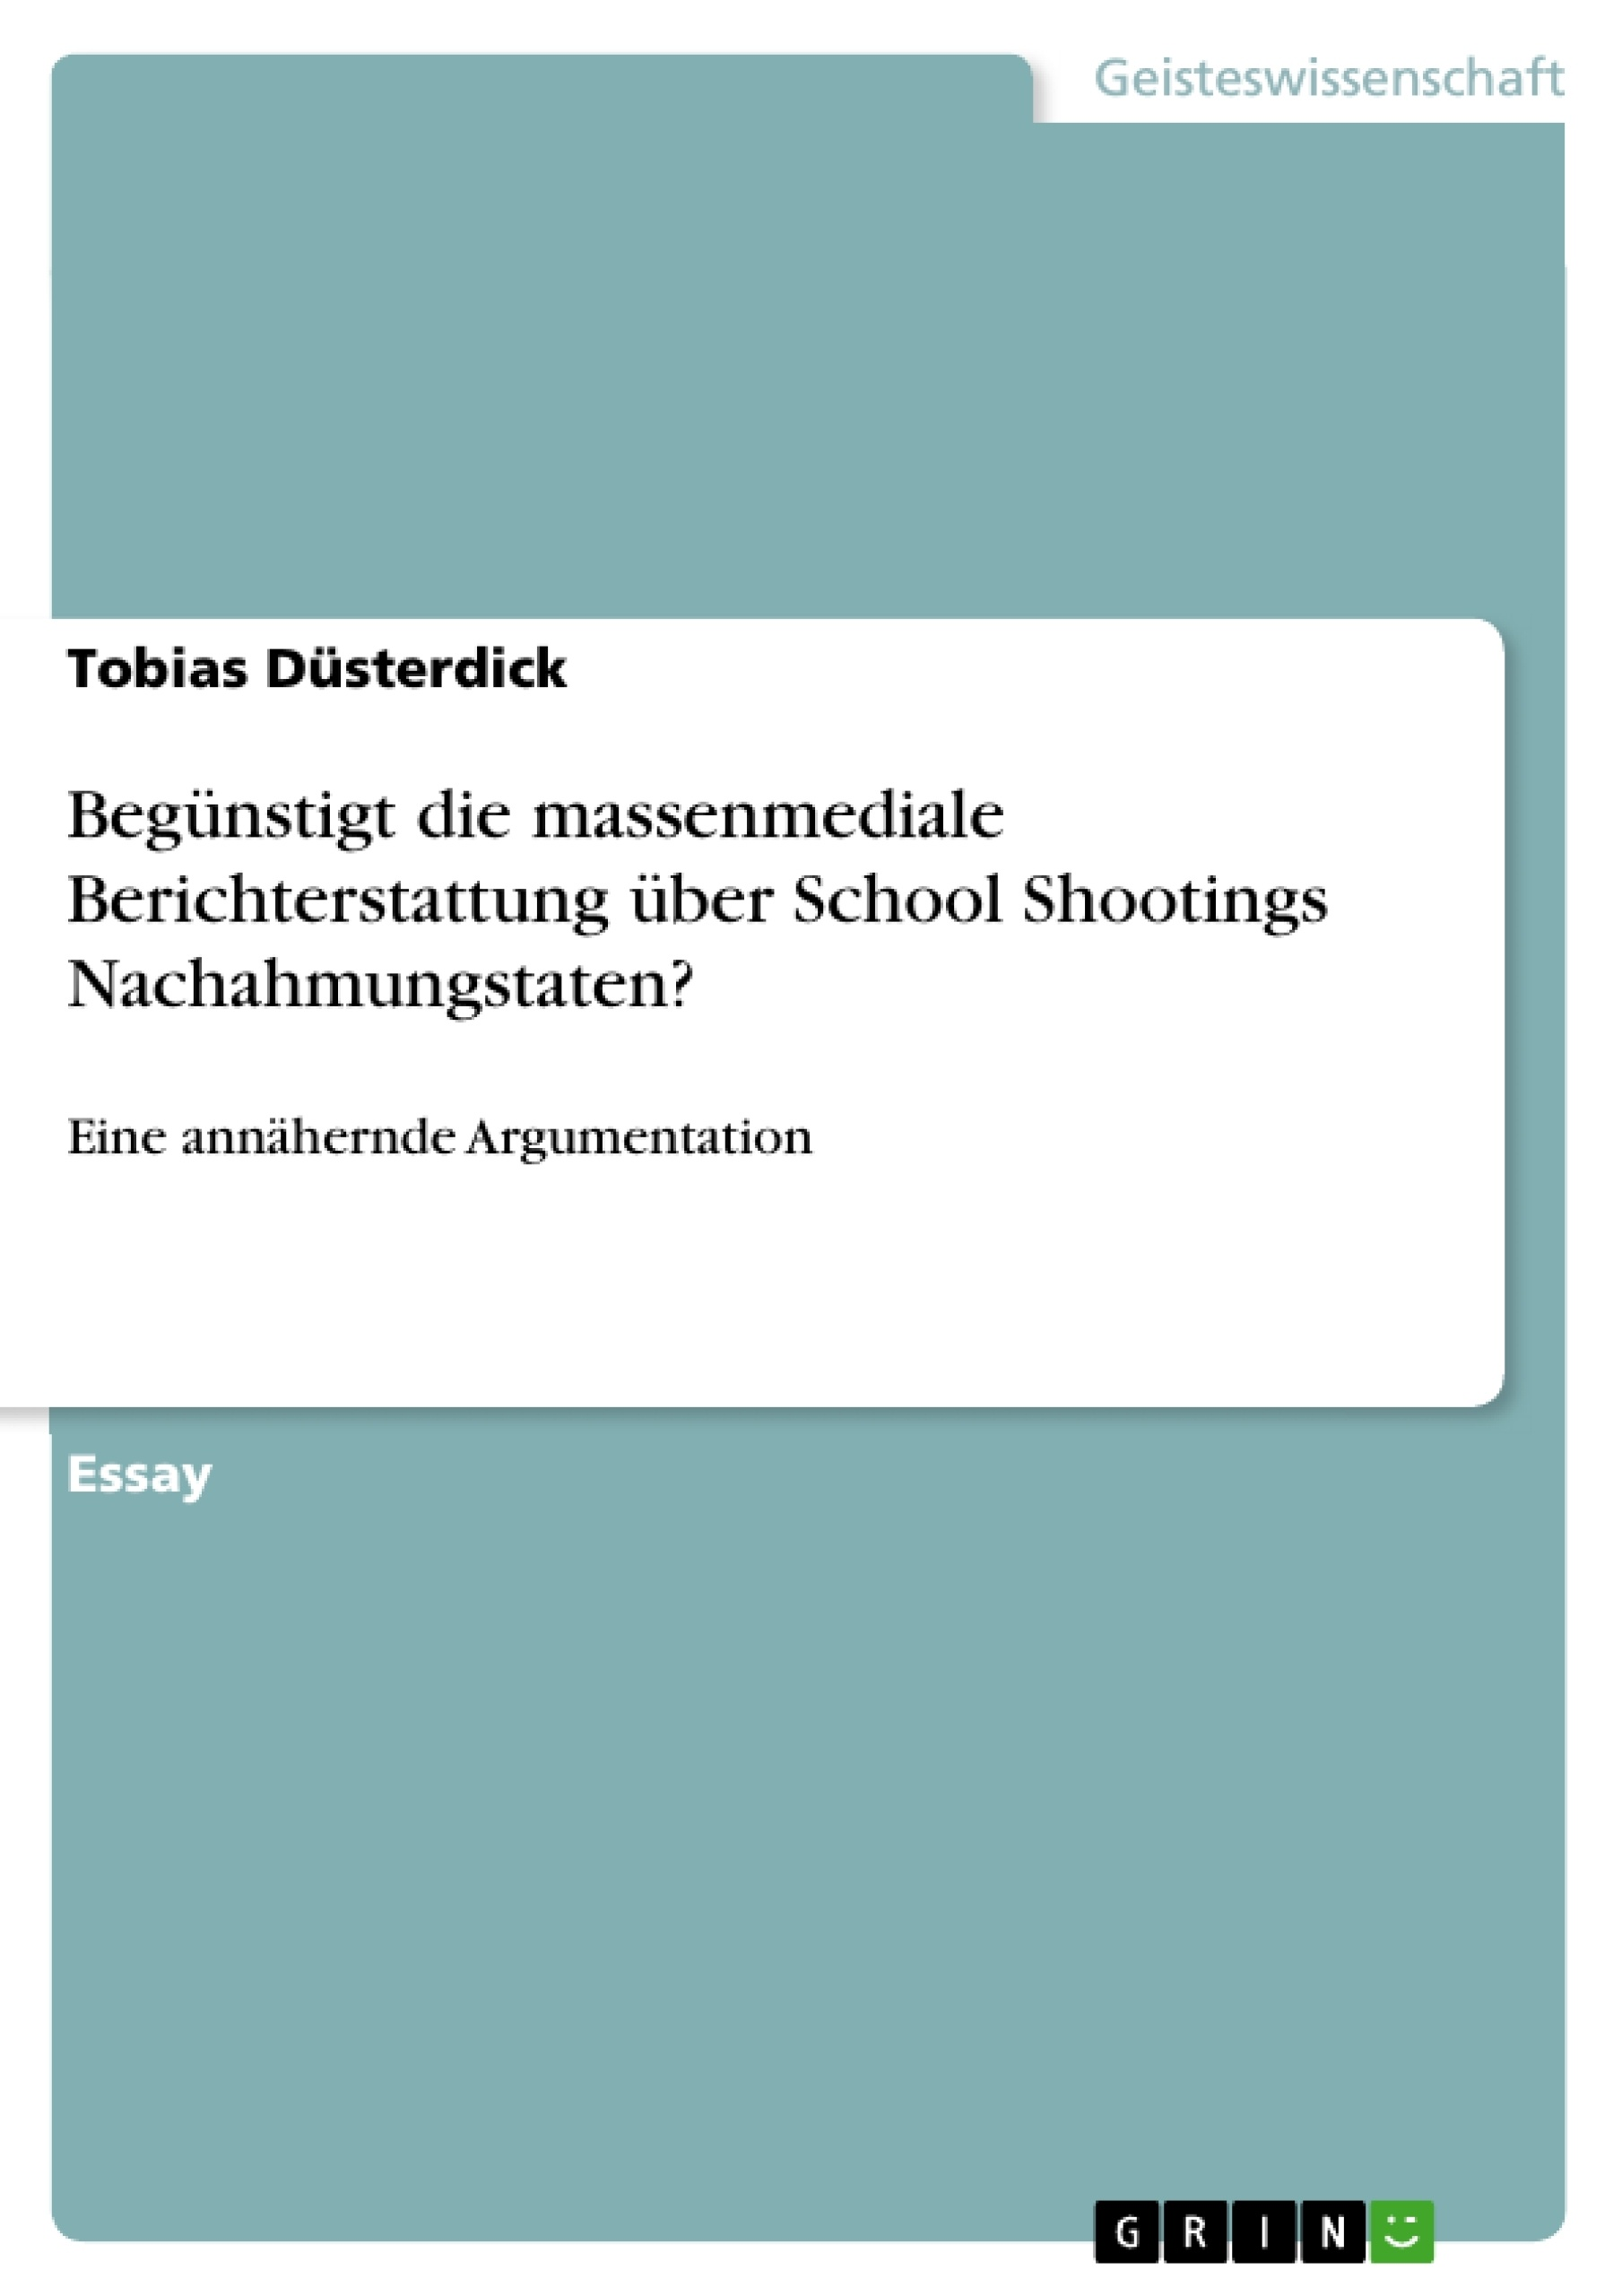 Titel: Begünstigt die massenmediale Berichterstattung über School Shootings Nachahmungstaten?